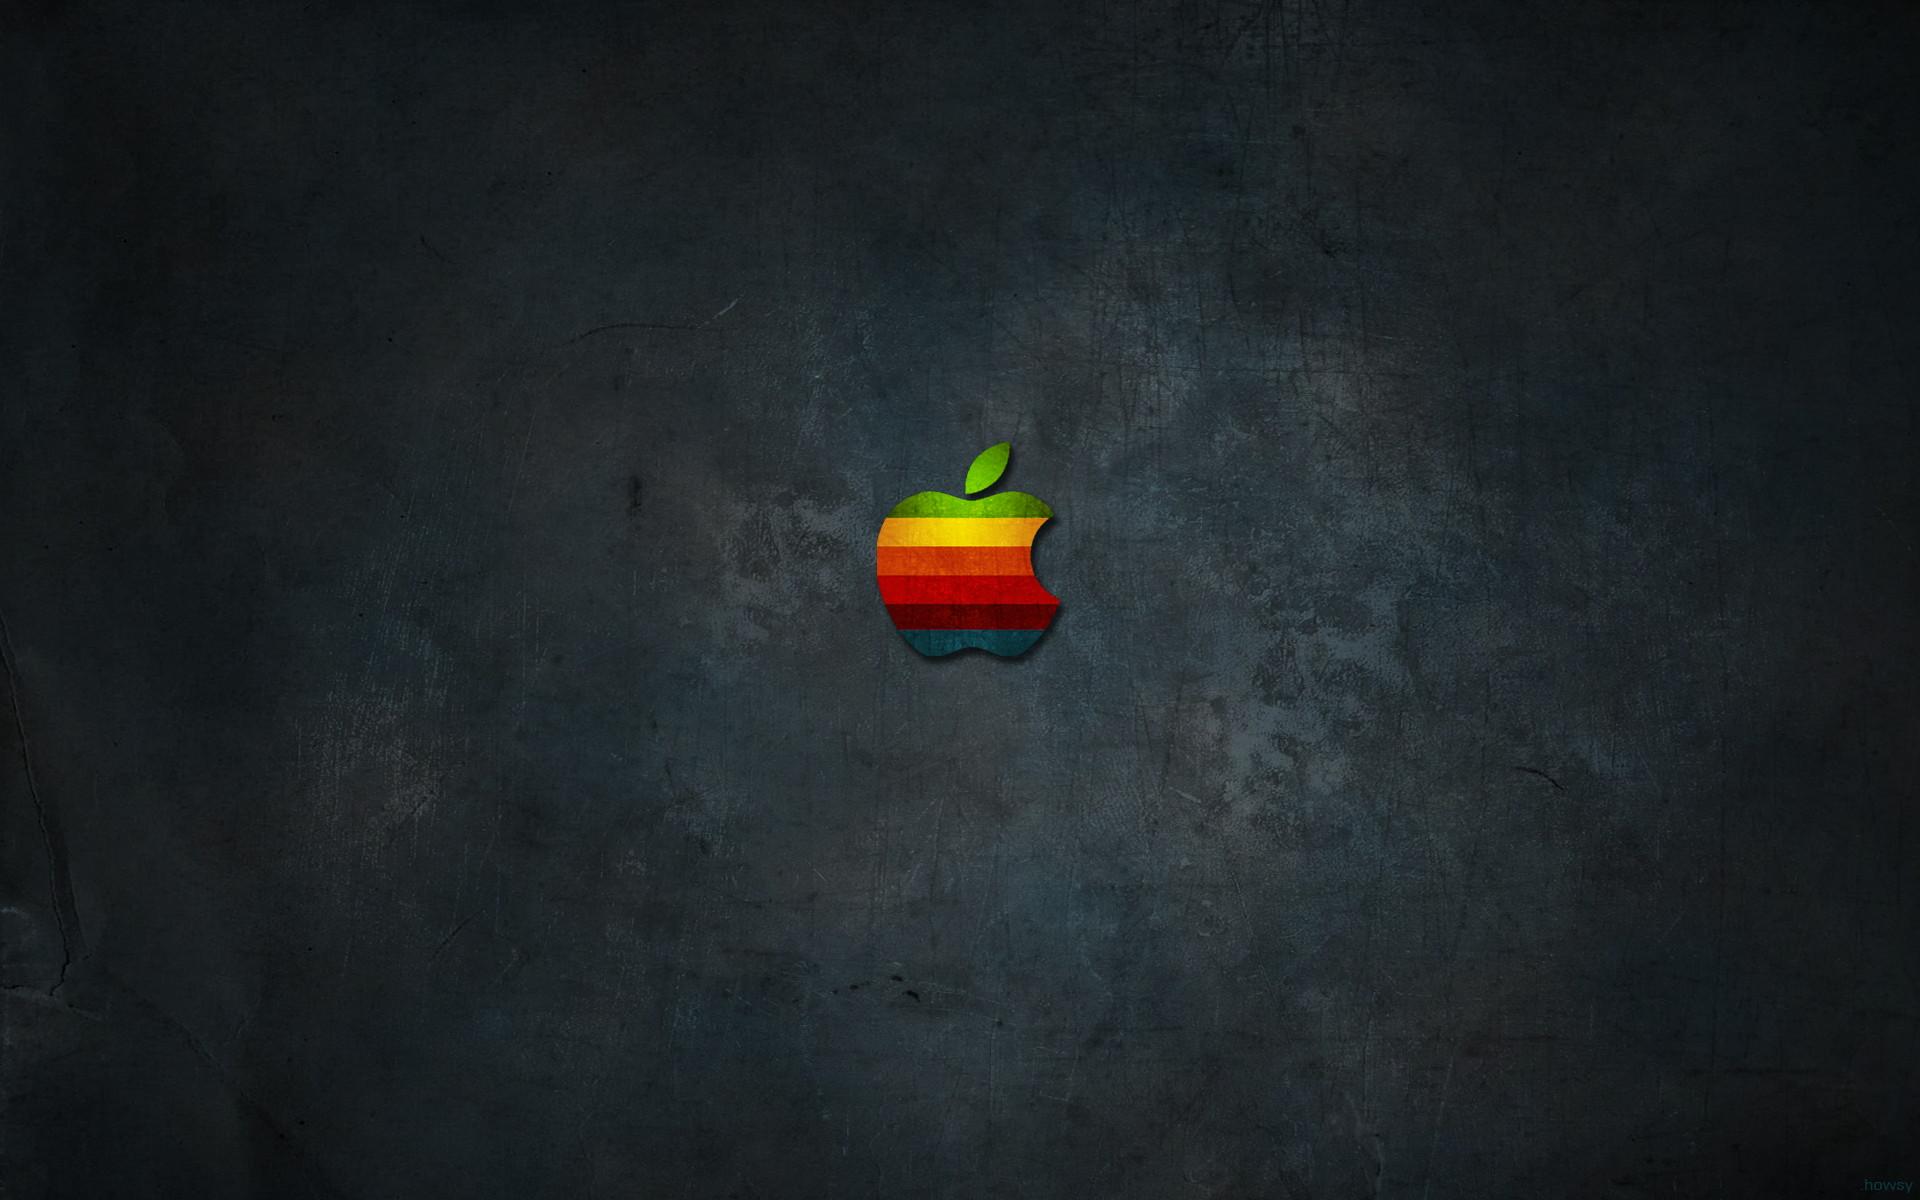 wallpapers por algo uno de los temas mas visto es wallpapers HD apple 1920x1200